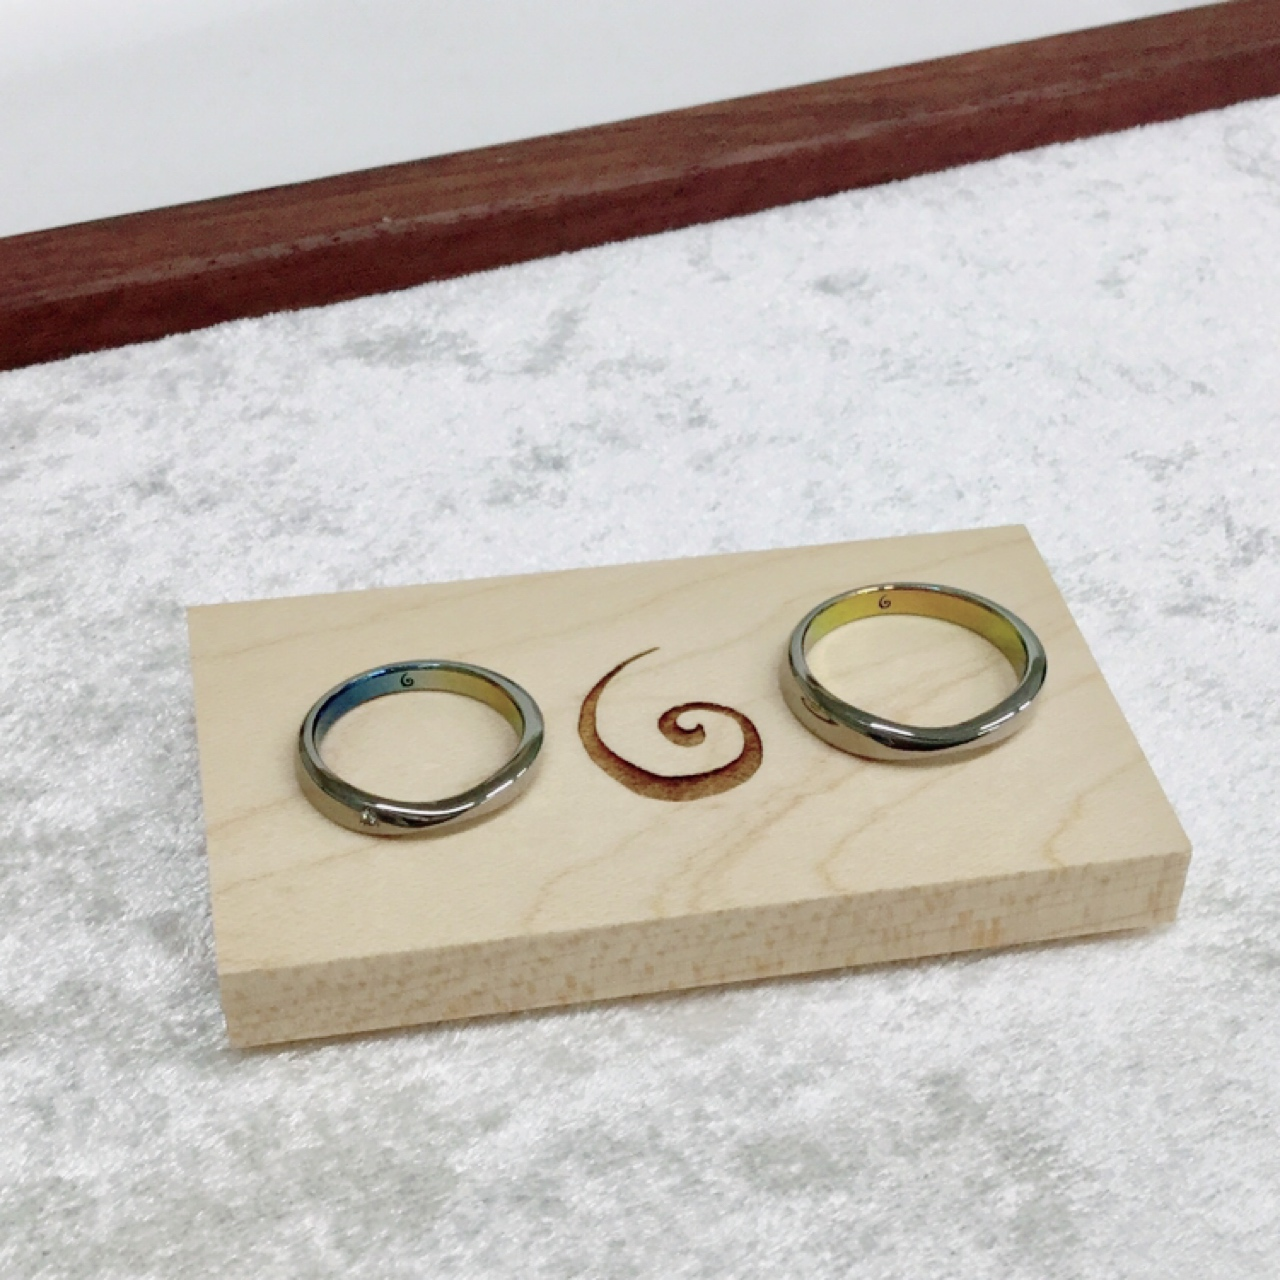 デザインに一目惚れ!SORA(ソラ)の形が綺麗な結婚指輪「コトー」をご成約(魚沼市/H様・A様)